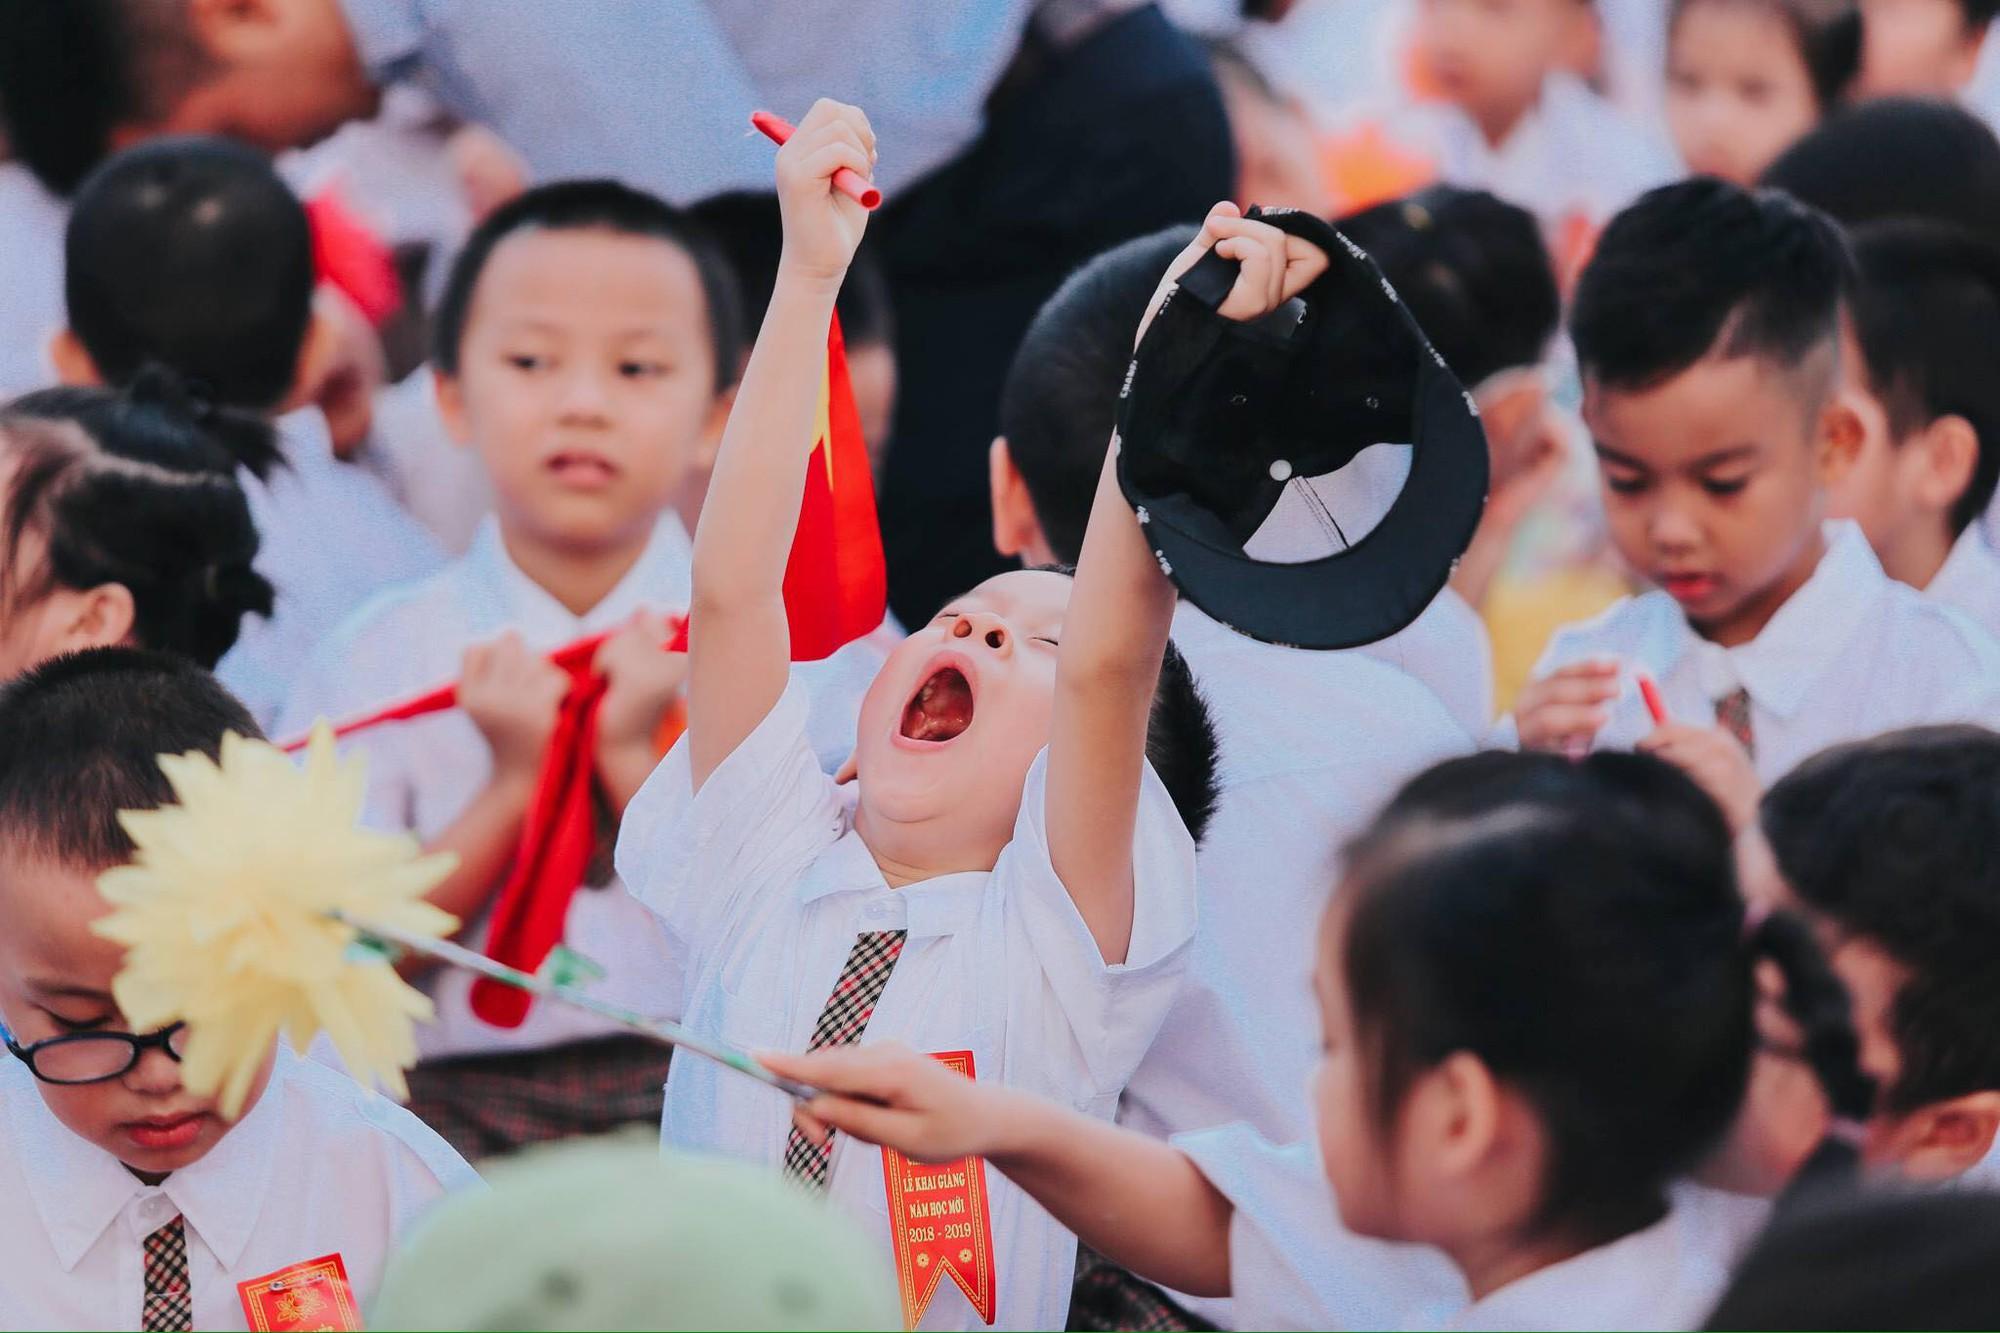 Chùm ảnh: Giọt nước mắt bỡ ngỡ và những biểu cảm khó đỡ của các em nhỏ trong ngày khai giảng - Ảnh 5.